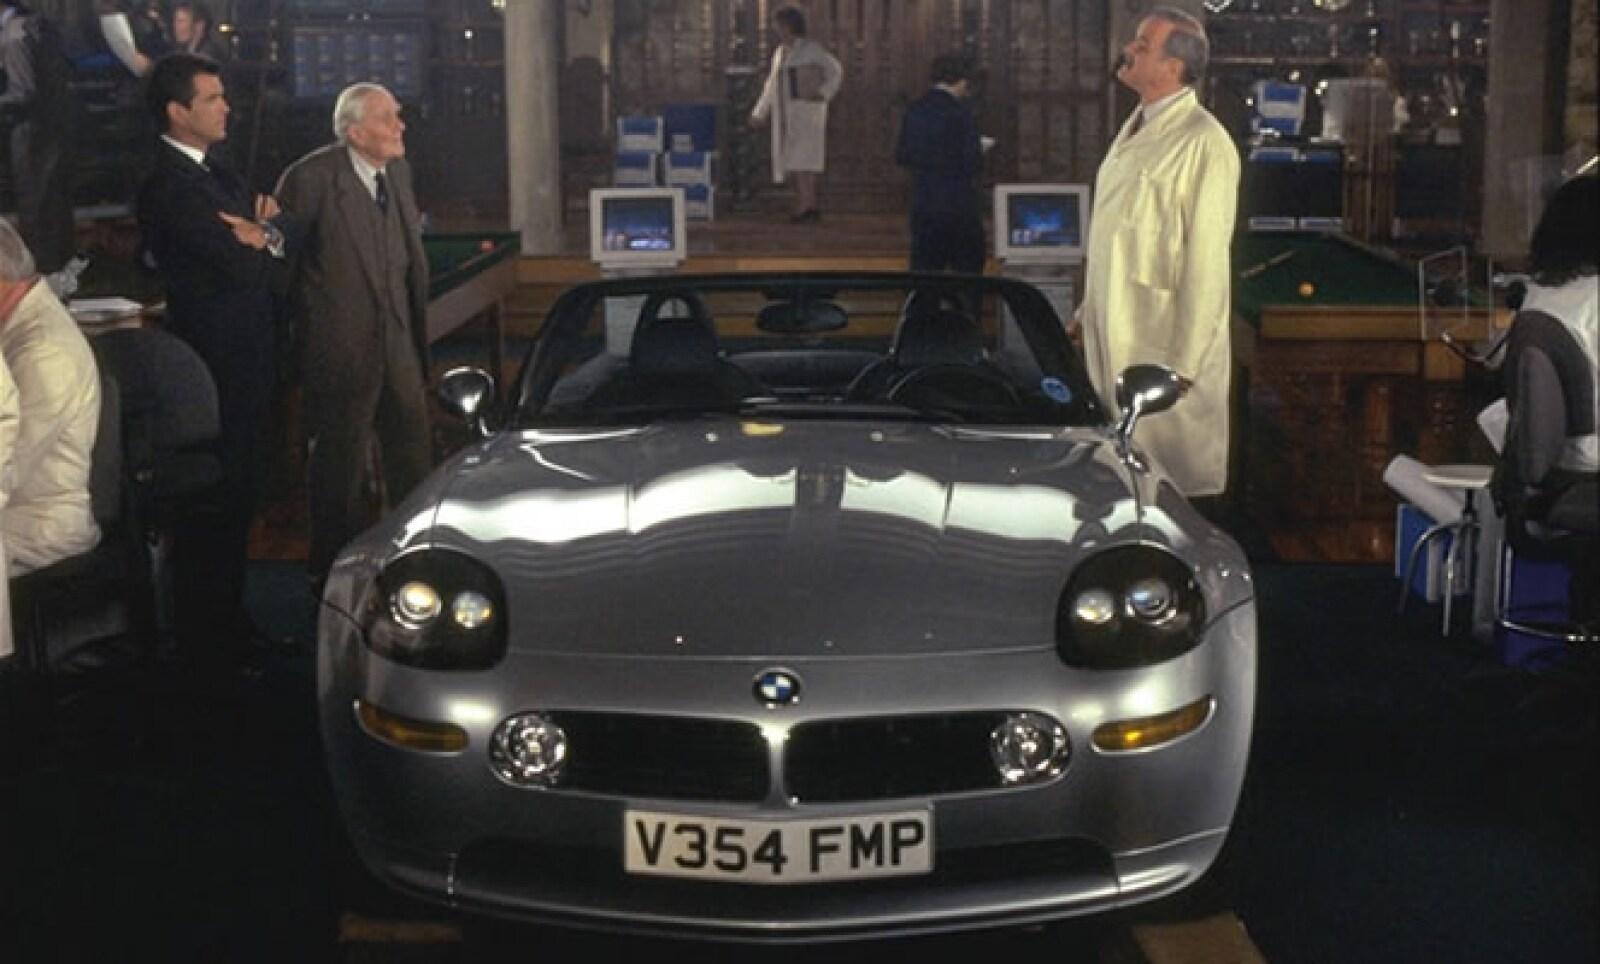 Una de las pocas ocasiones que Bond ha preferido un coche alemán sobre un inglés ha sido con este modelo, utilizado para la película 'The World Is Not Enough'.